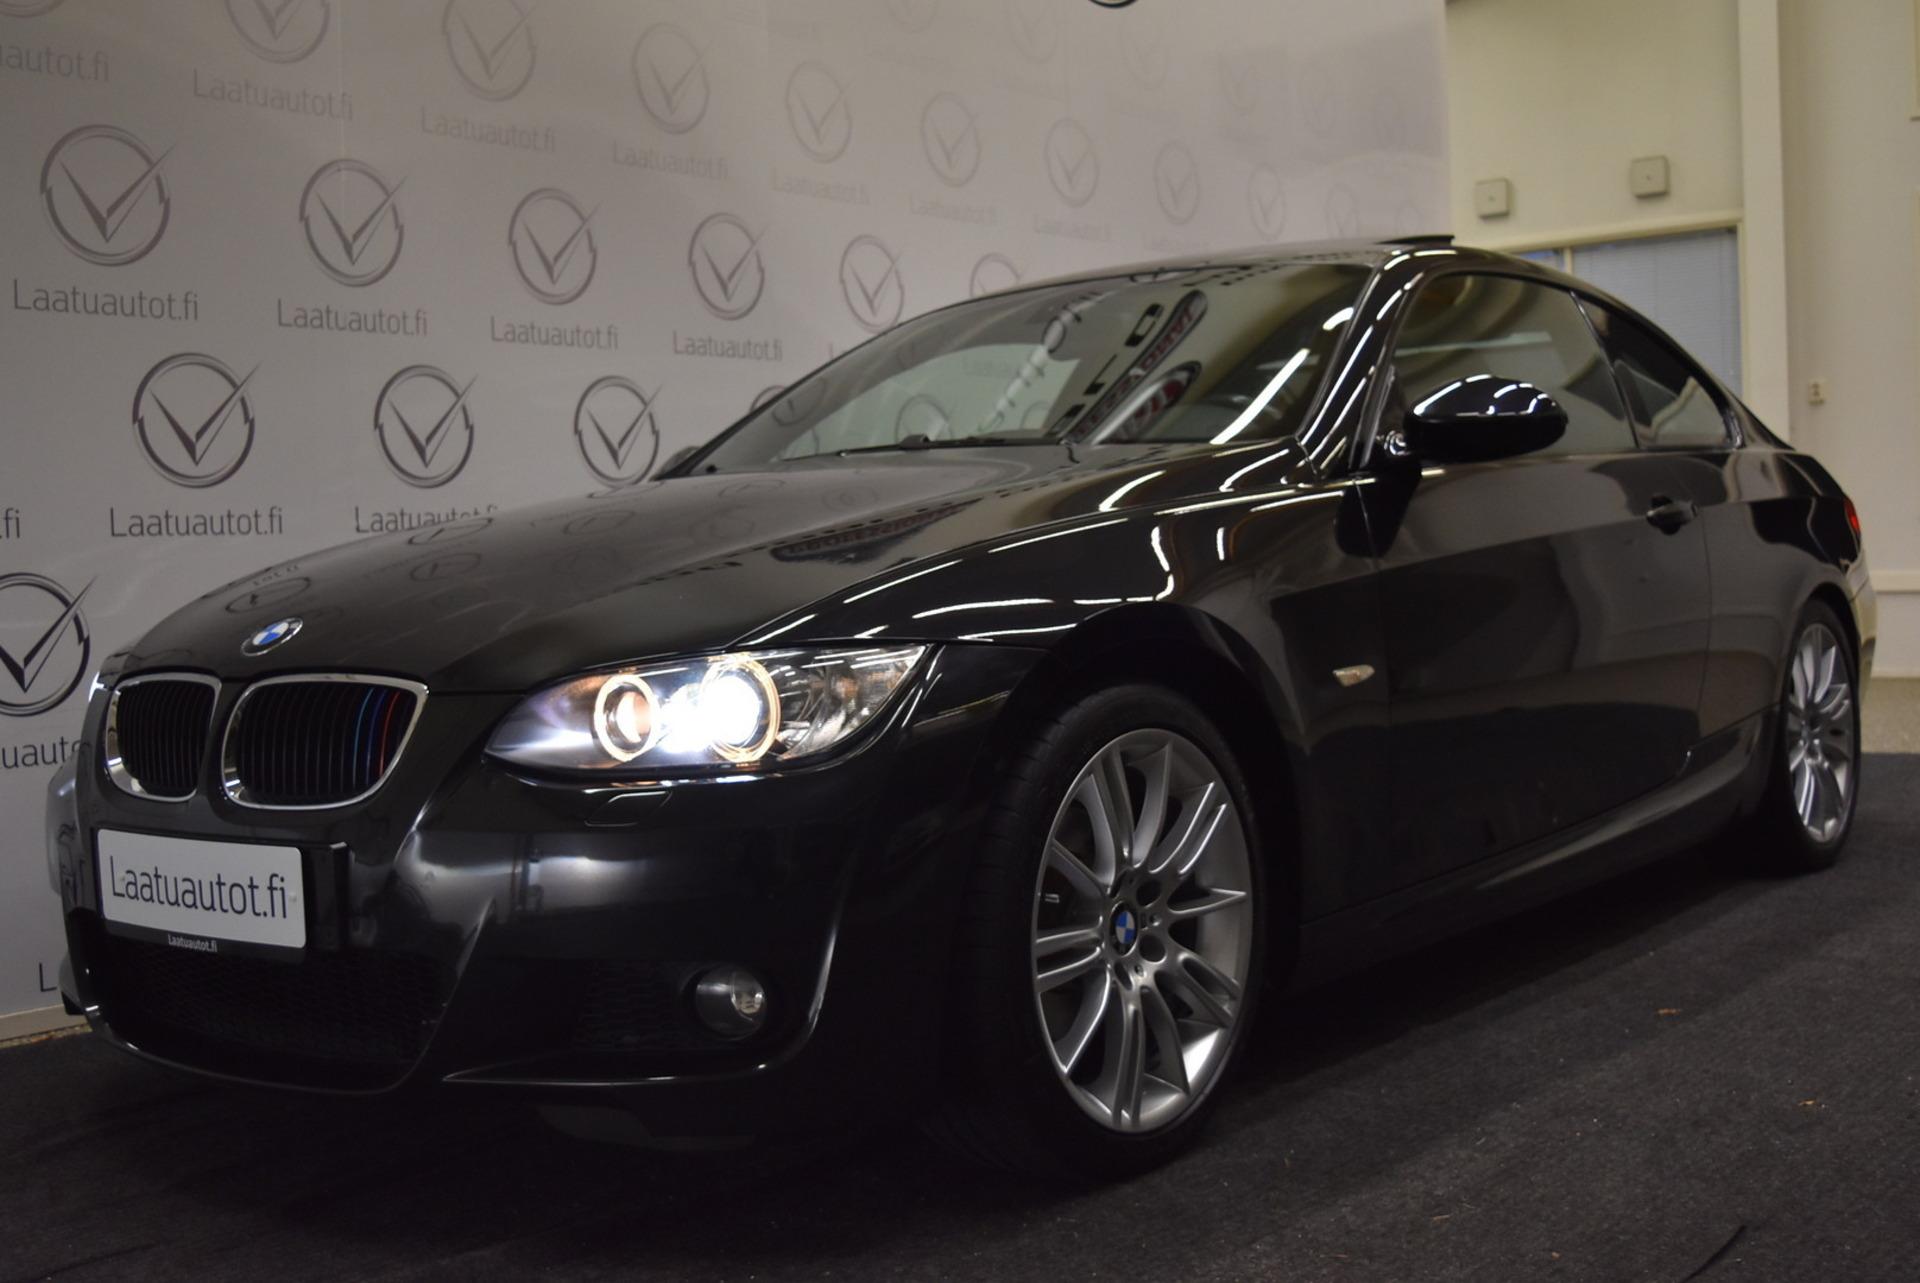 BMW 320 E92 Coupé - M-Sport! Xenon,  Kattoluukku,  Navi! Rahoitus 1, 89% +kulut! Jopa ilman käsirahaa!